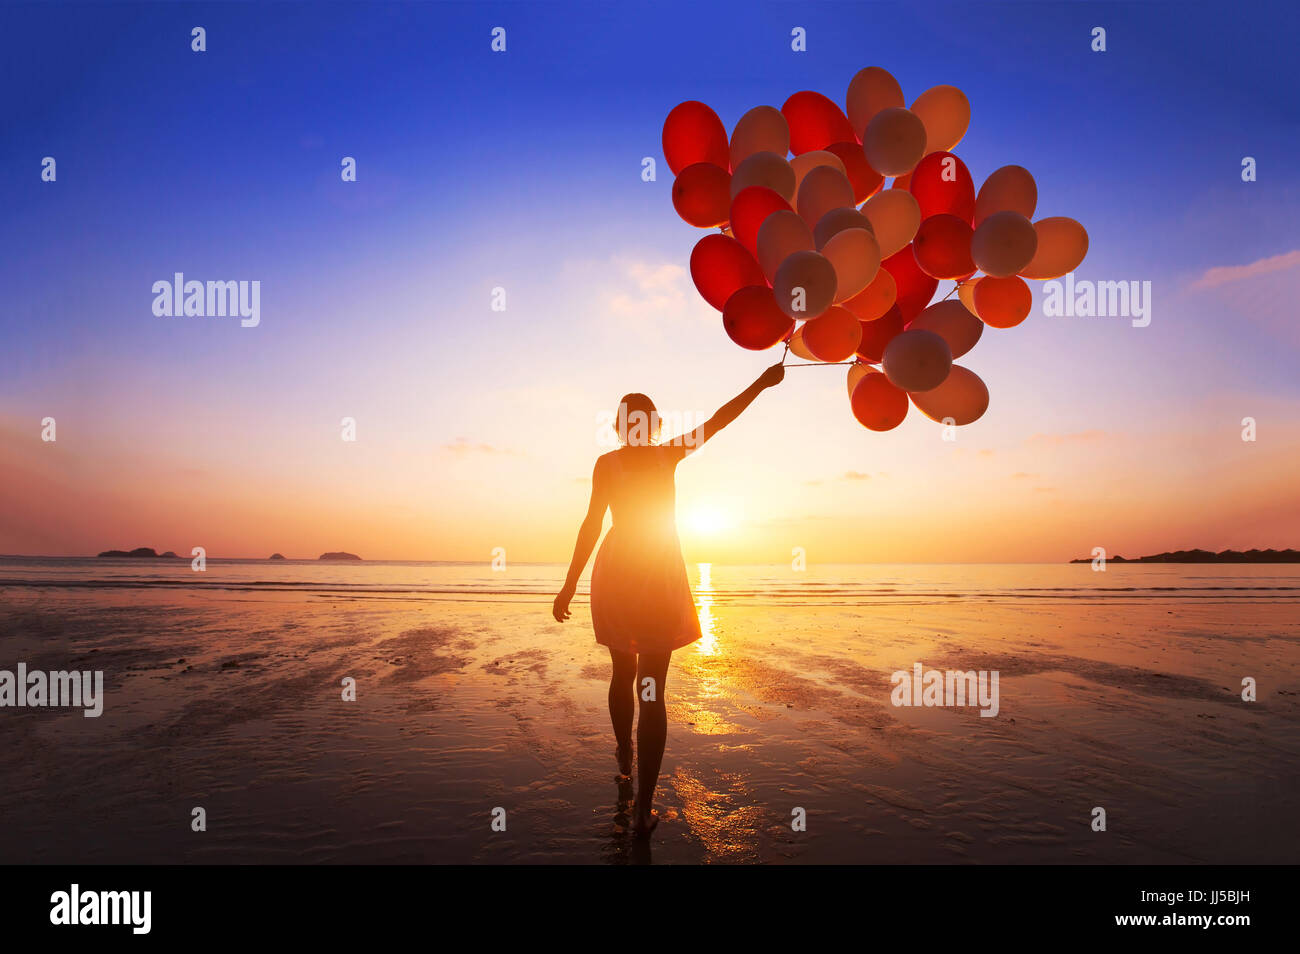 L'inspiration, la joie et le bonheur, concept silhouette de femme avec beaucoup de ballons sur la plage Photo Stock